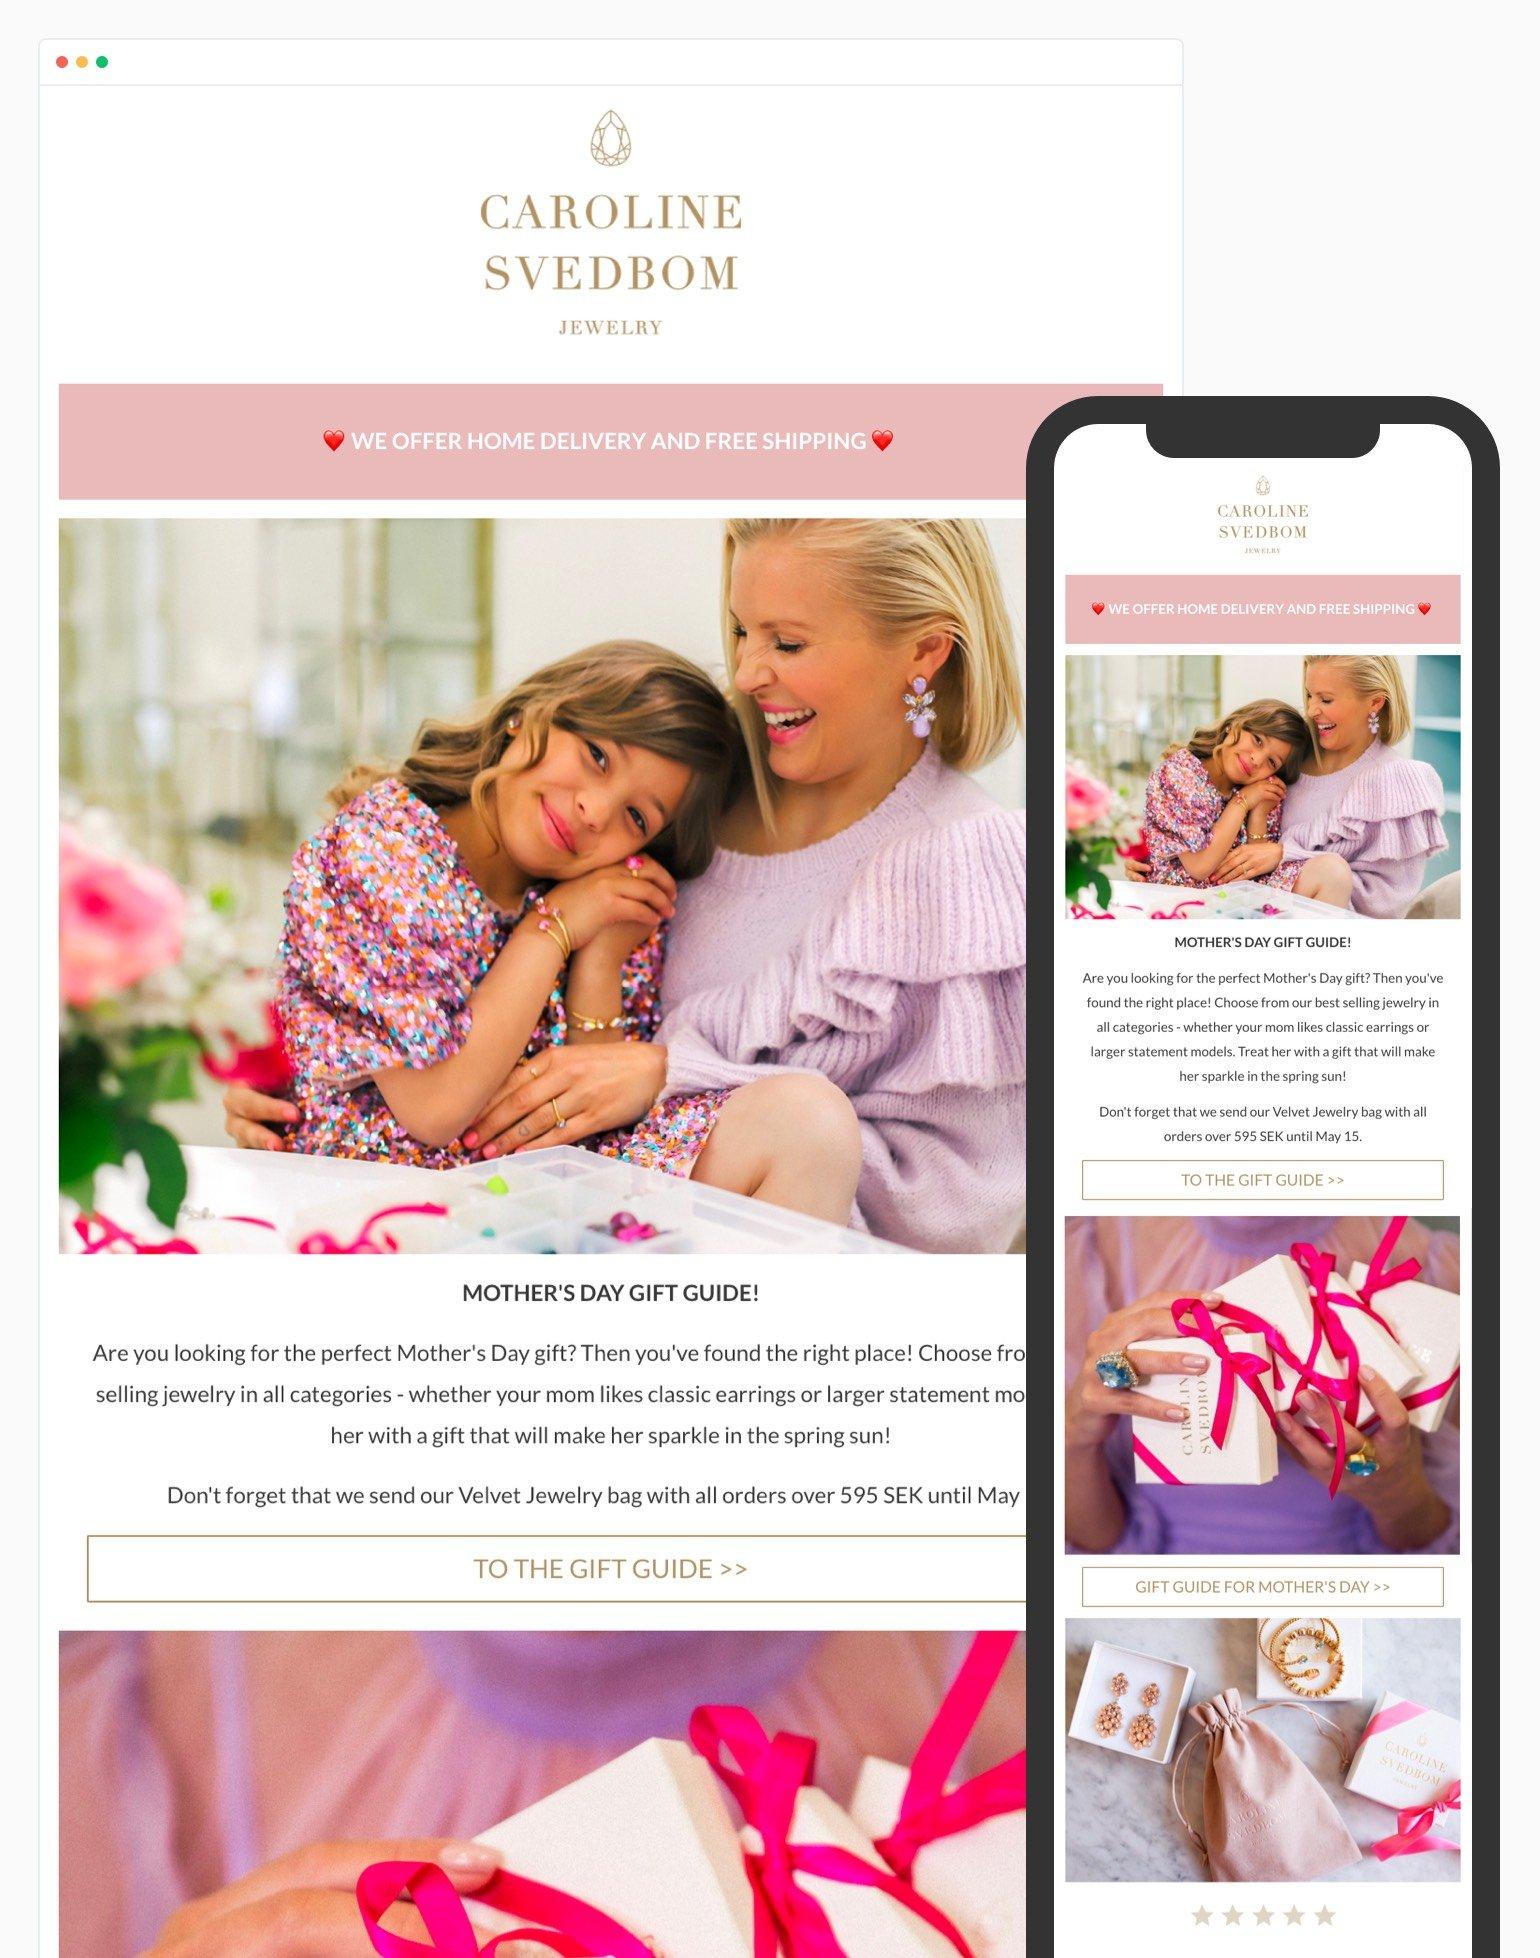 Ejemplo de diseño de correo electrónico receptivo de Caroline Svedbom